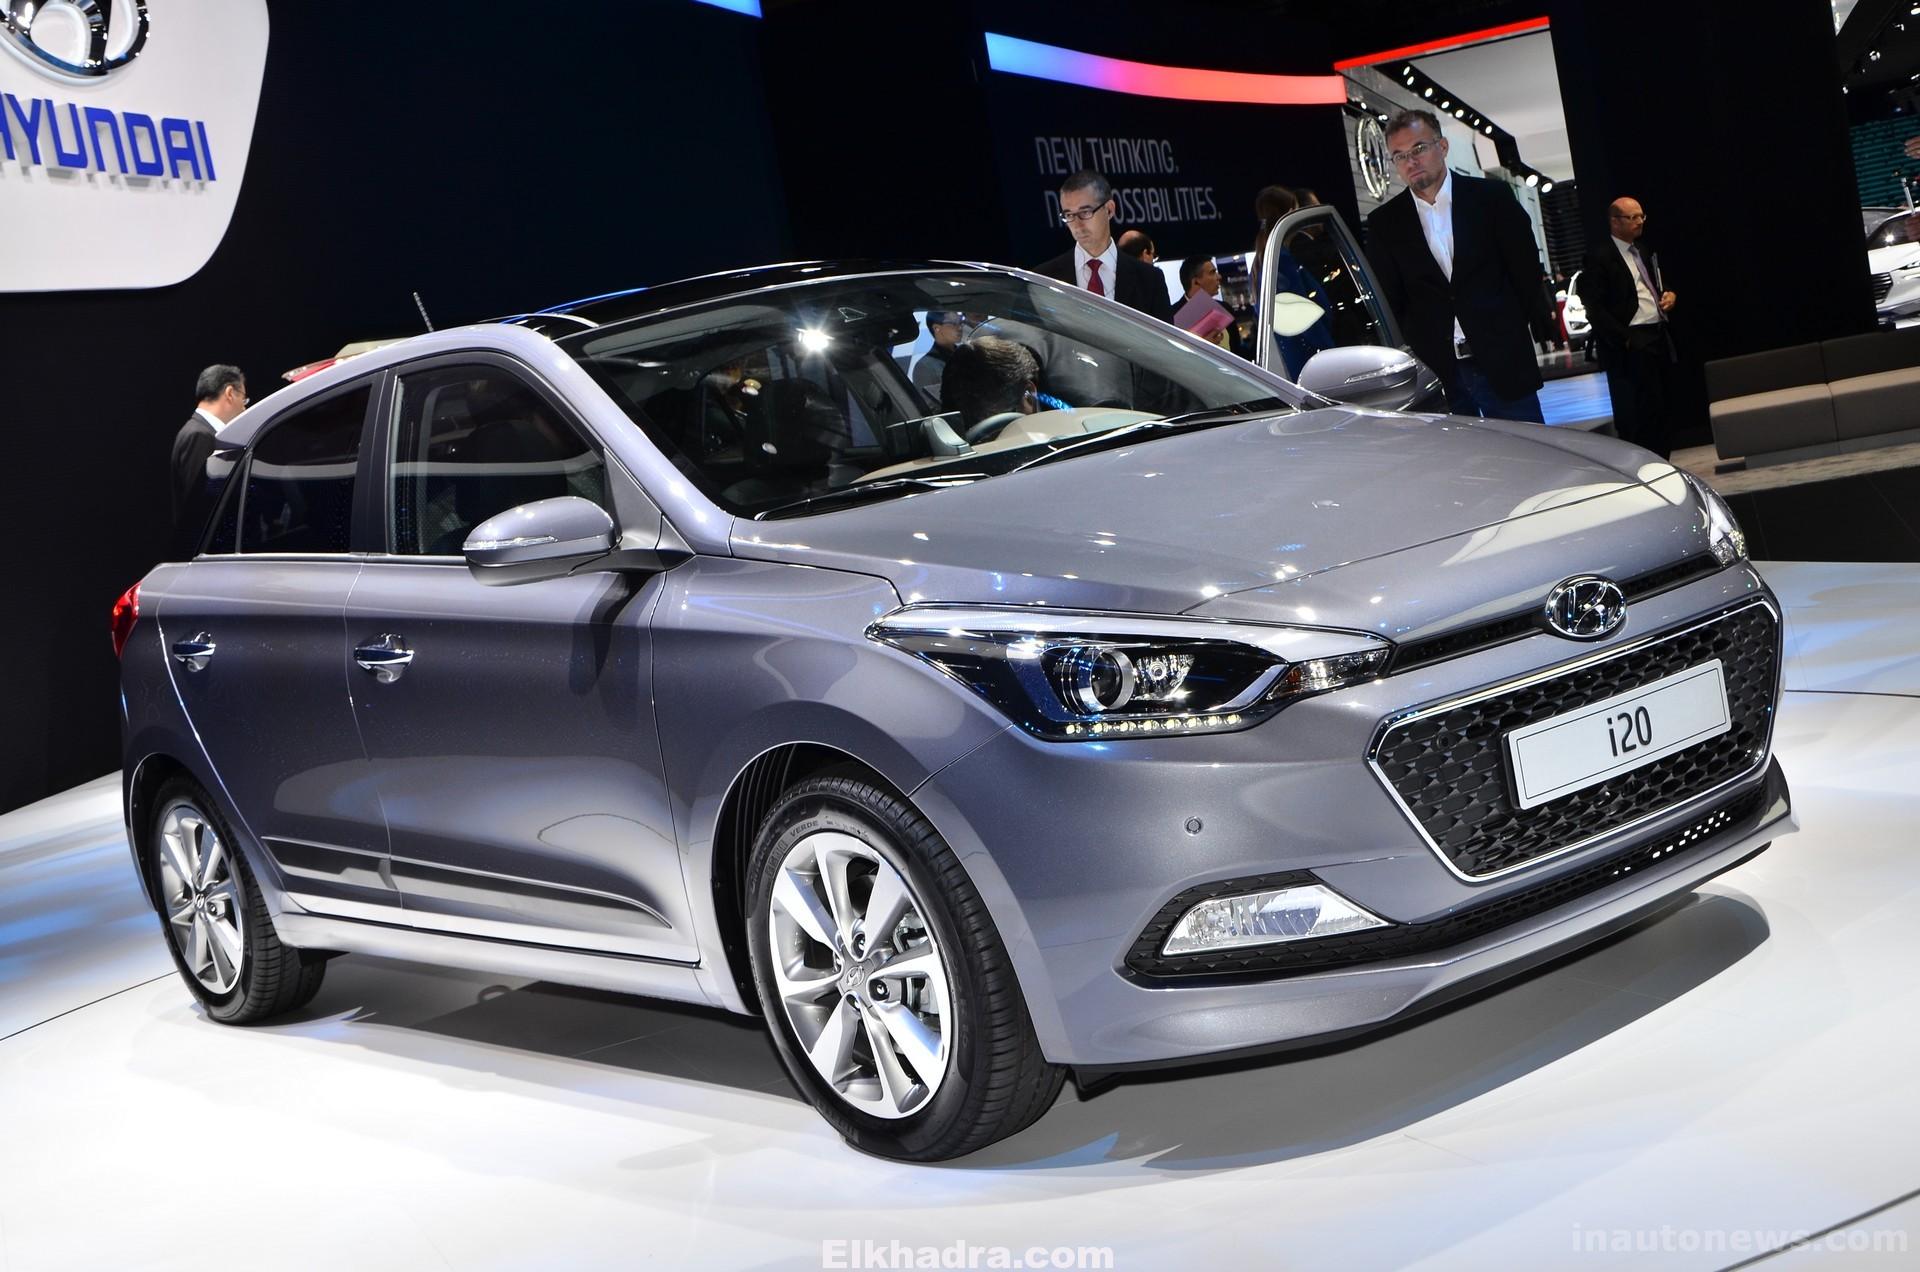 Salon automobile d'Alger 2015 : Nouvelle Hyundai i20 ...